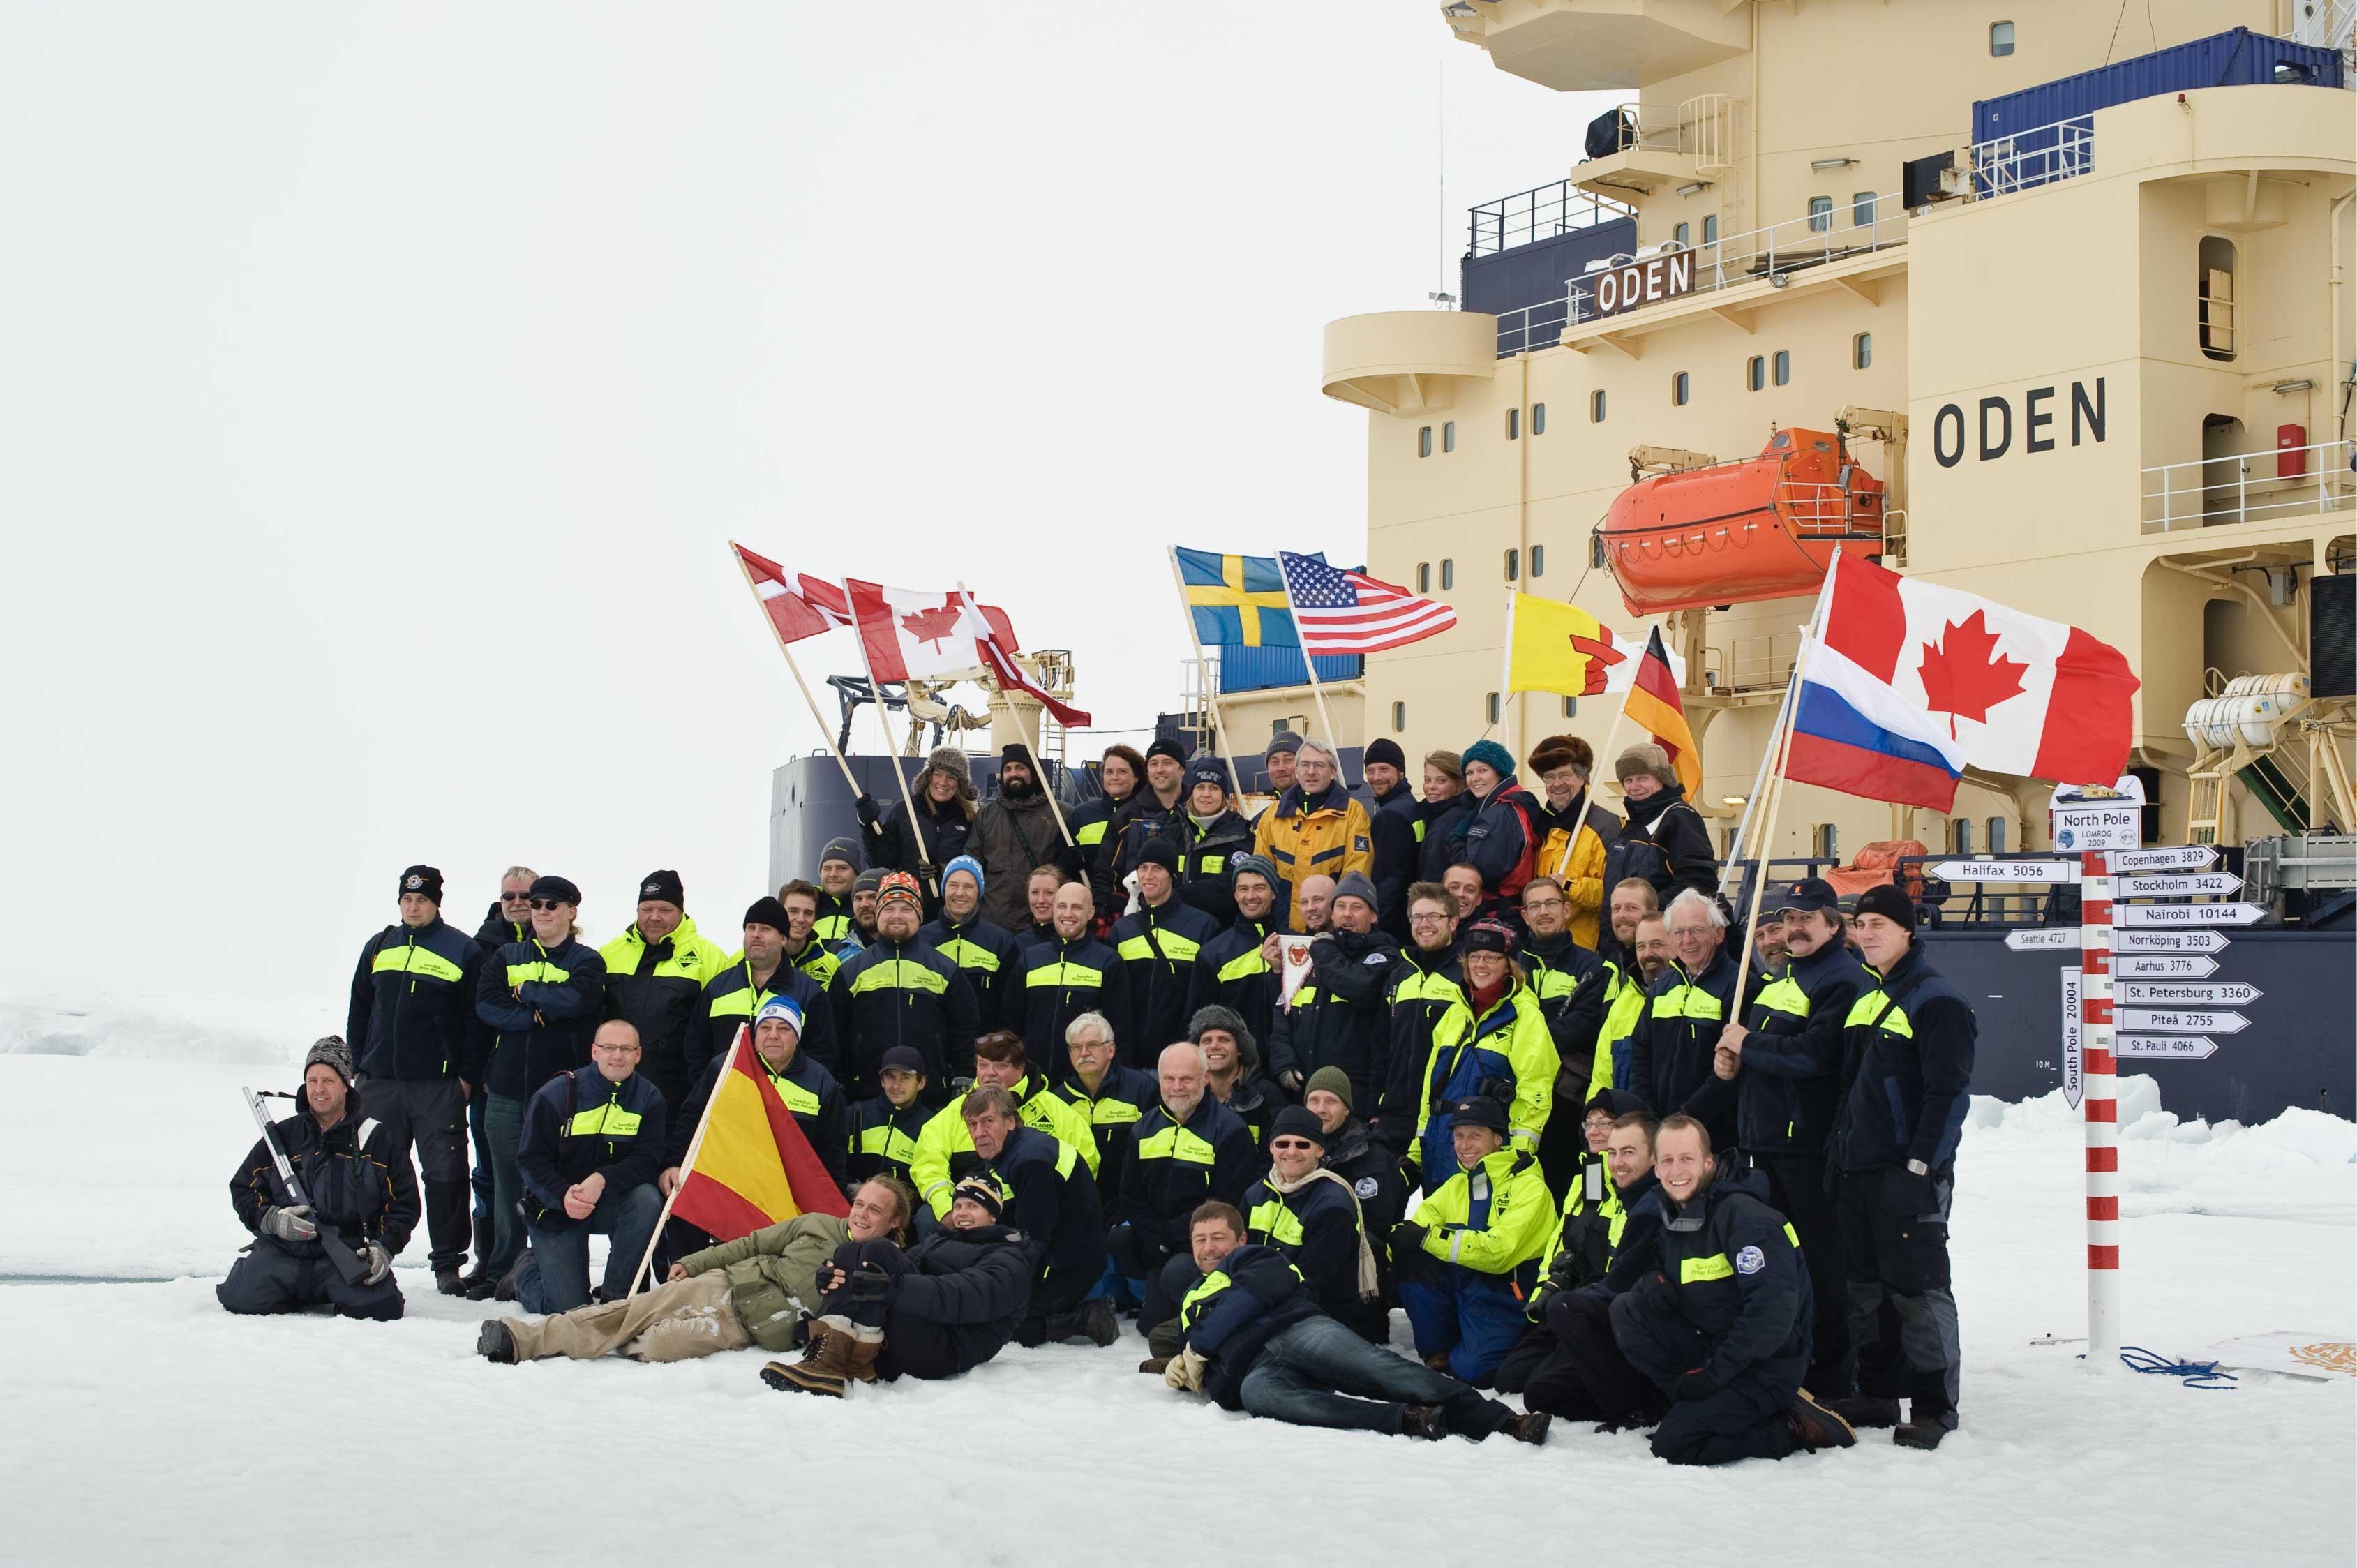 Ankomsten til Nordpolen blev markeret på traditionel vis ved at hejse et flag for hvert af de lande, der er repræsenteret ombord på Oden